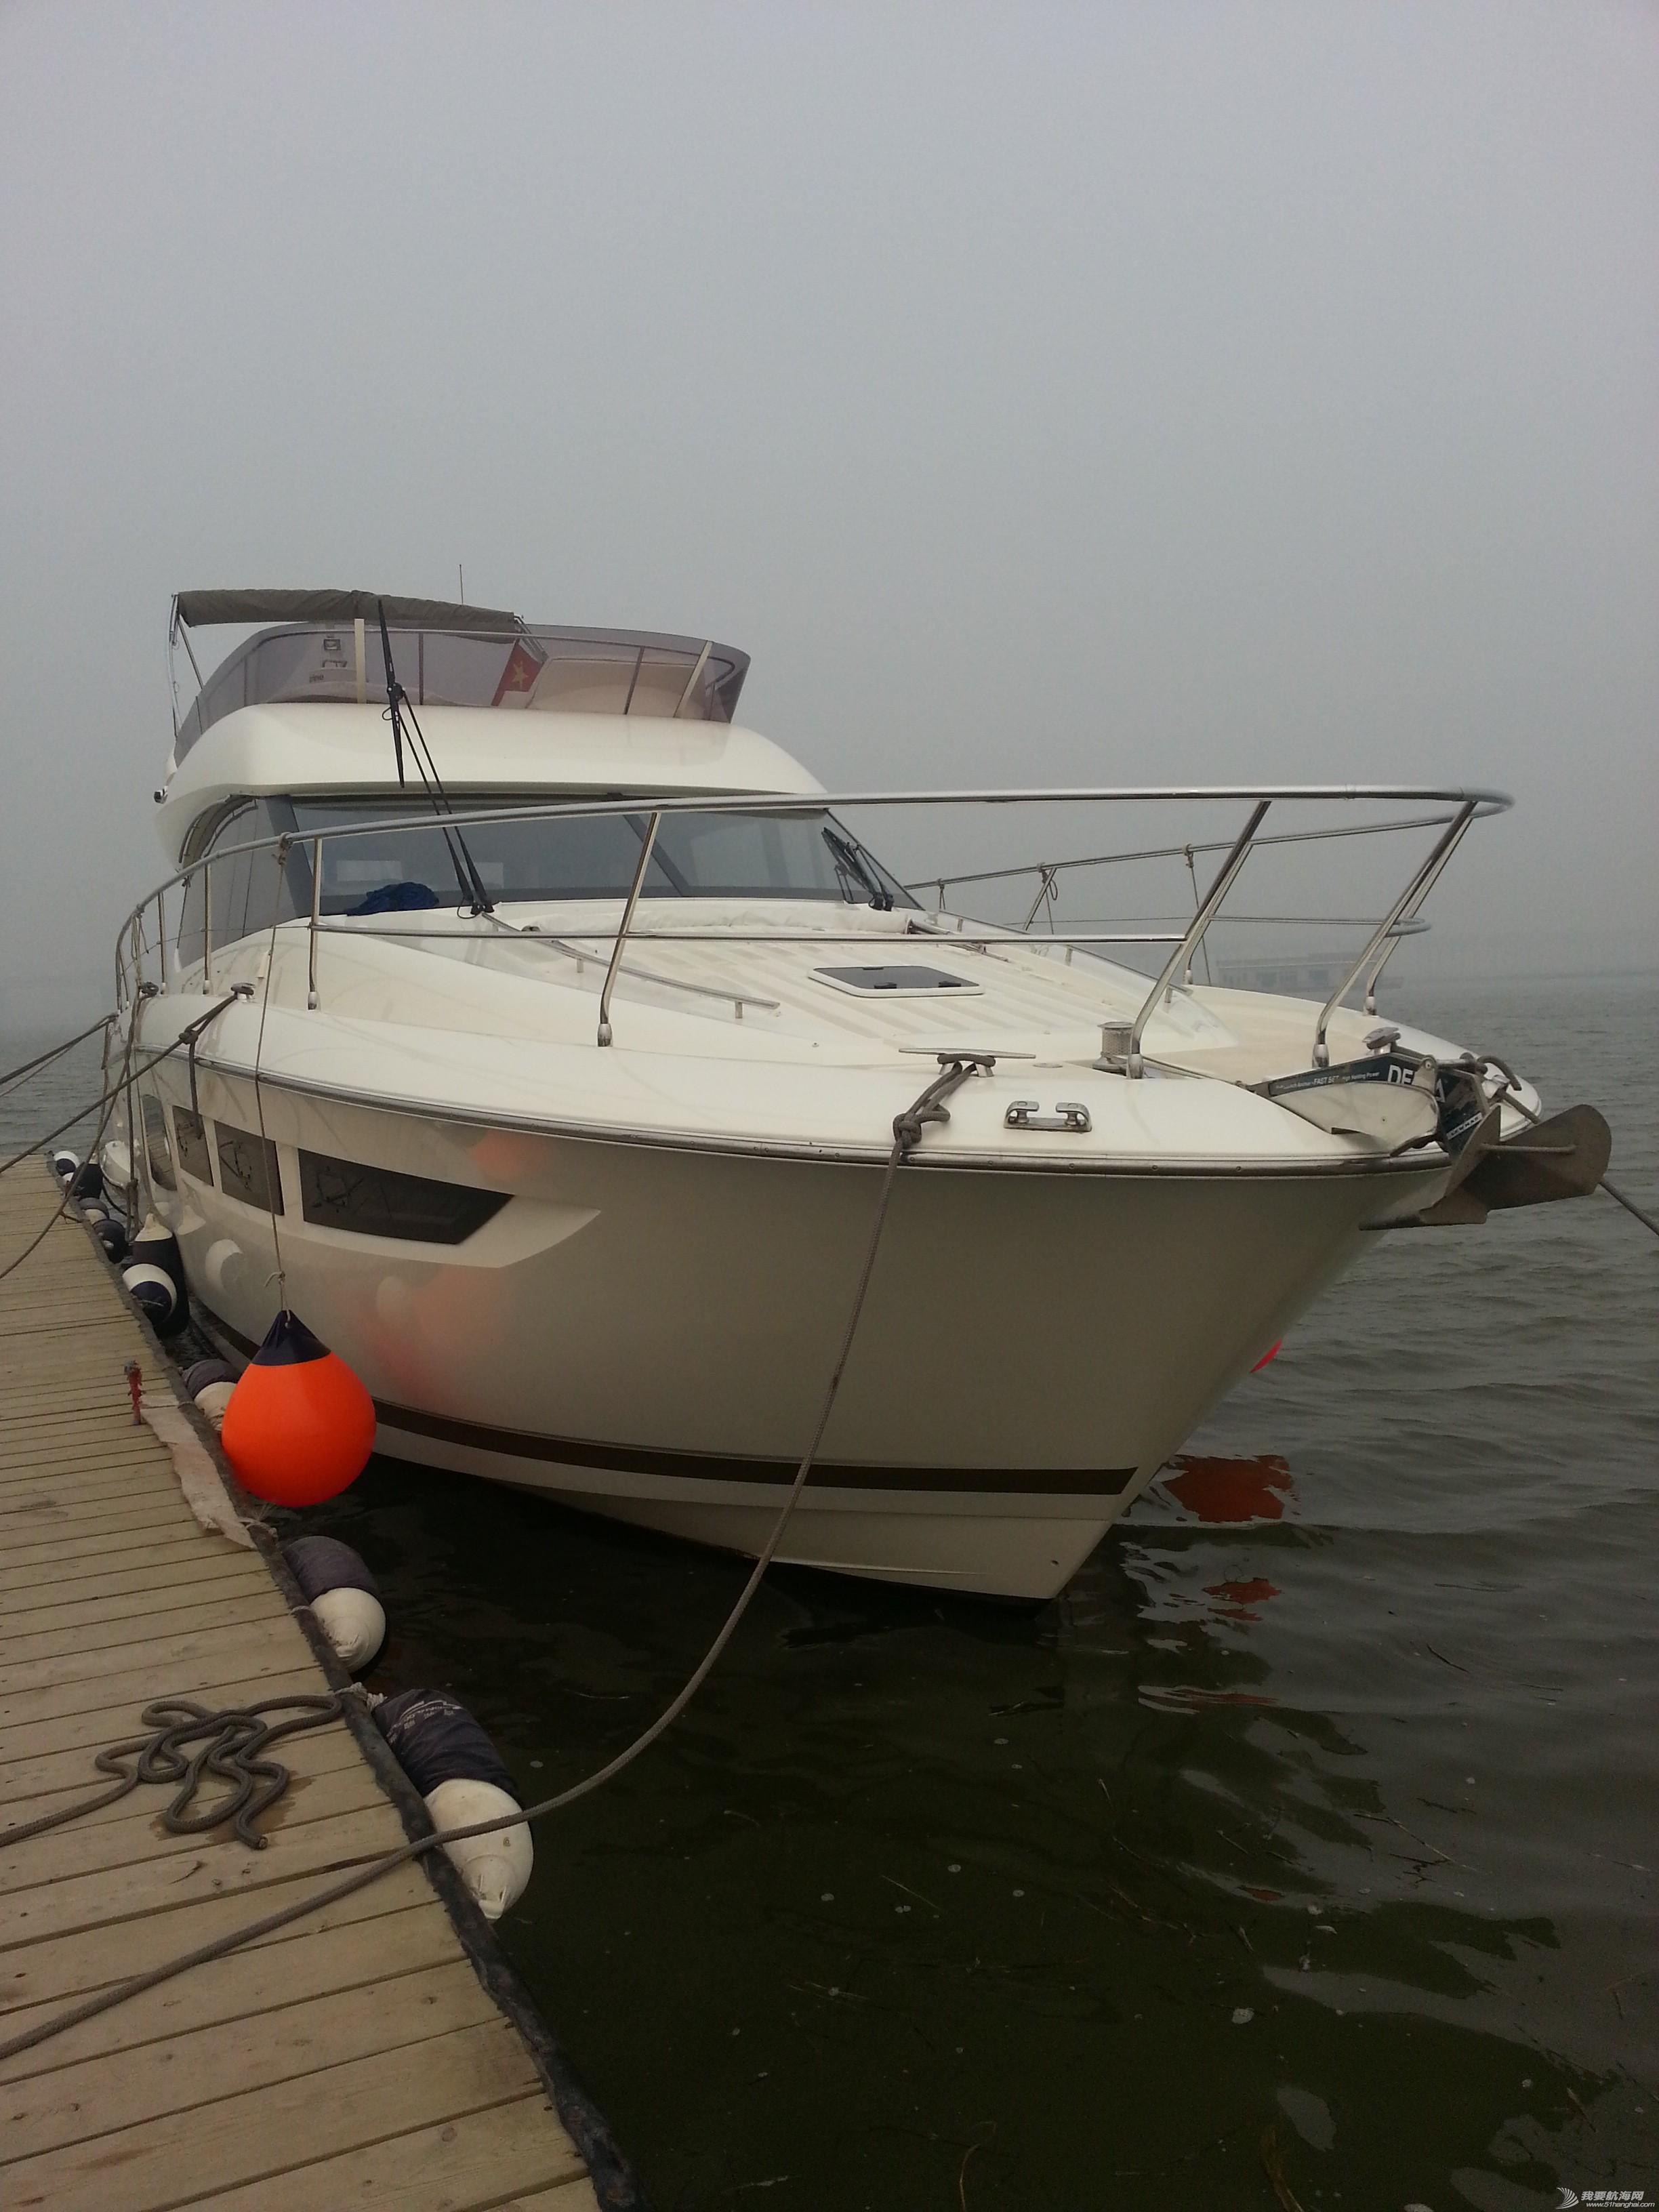 码头,帆船,游艇,河道,防波堤  Prestige 500 老板的游艇 204518gczeqse76zjzuzys